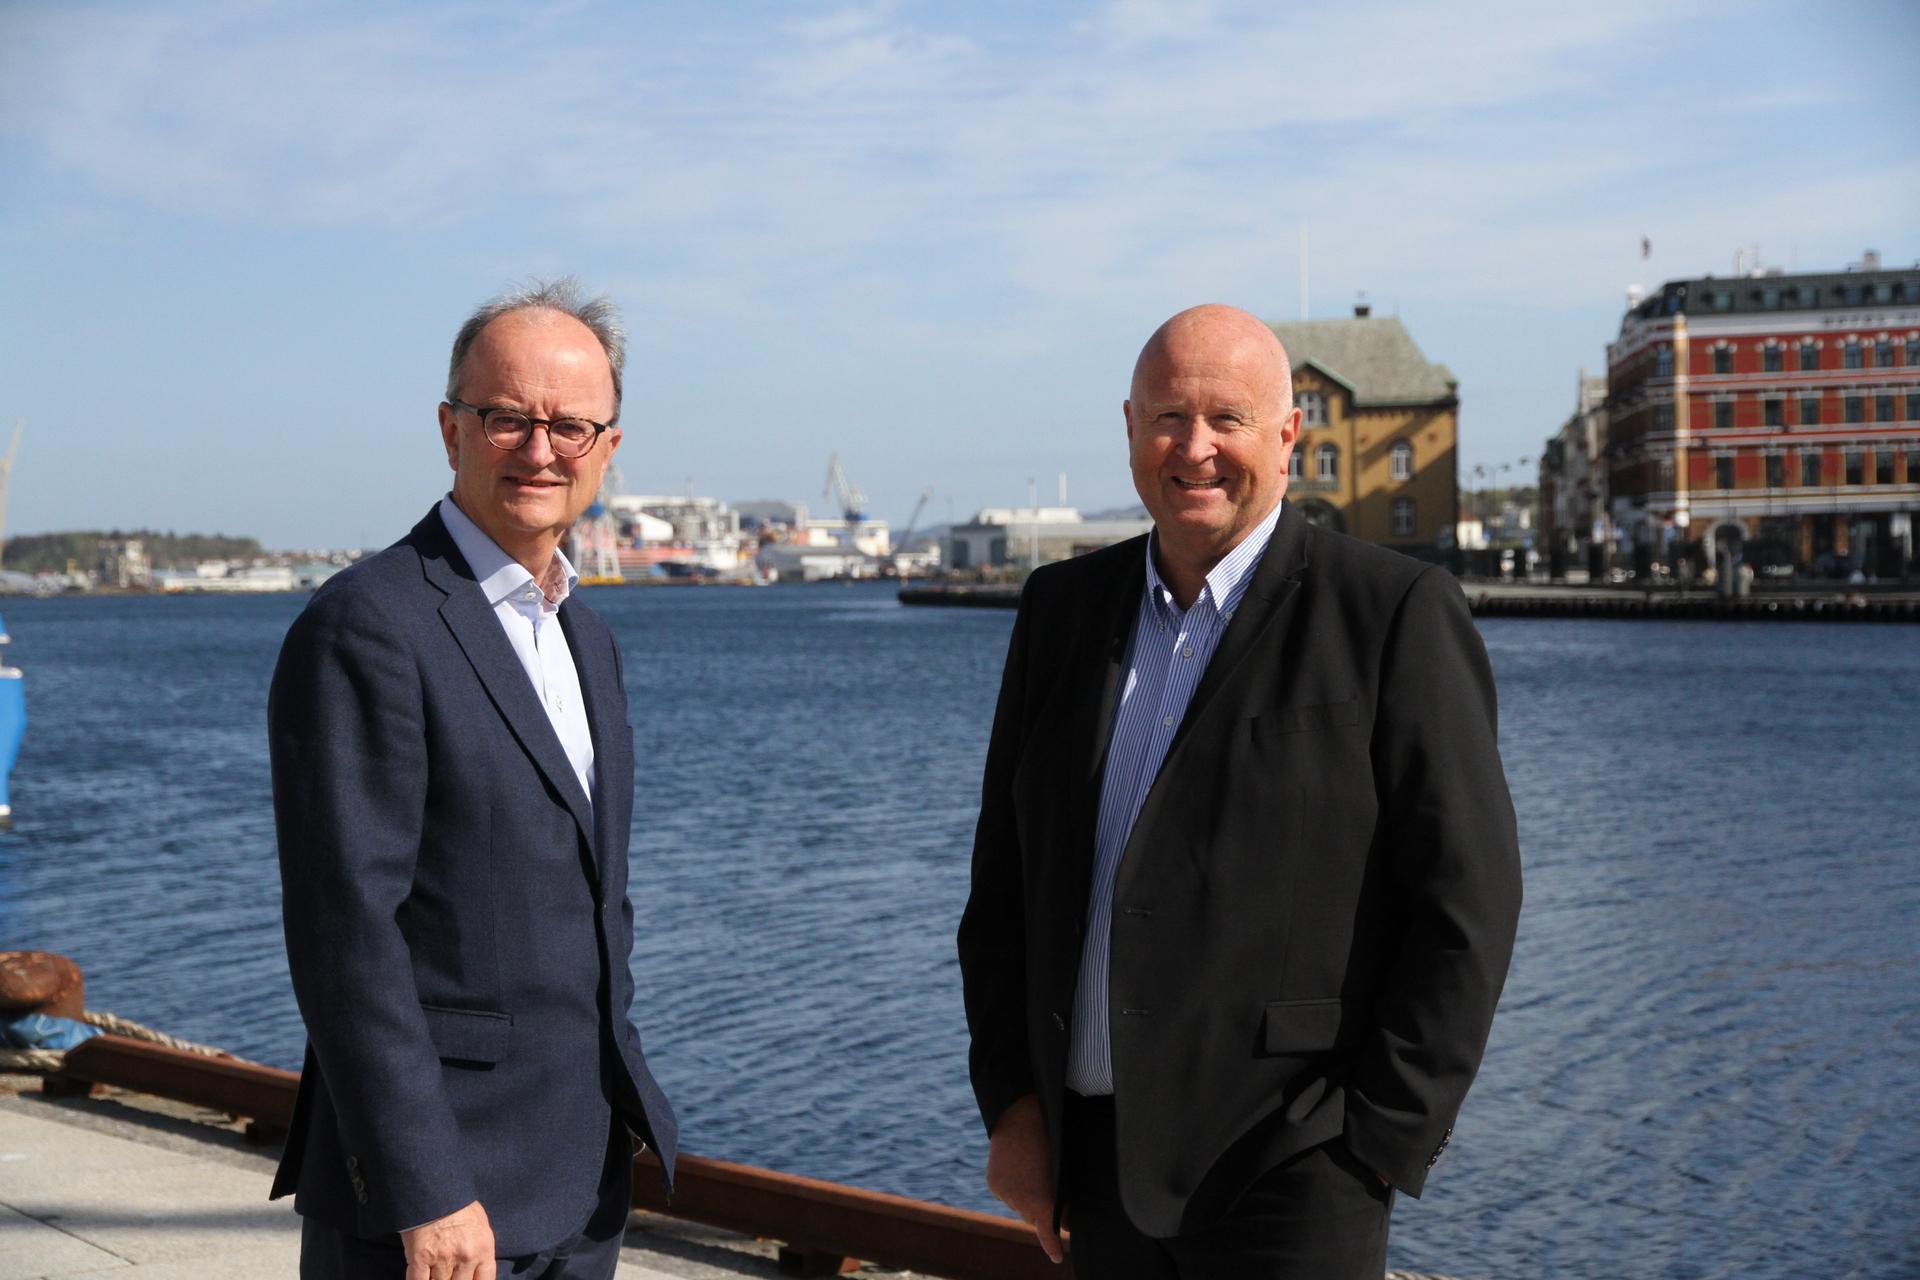 Eimund Nygaard og Olav Linga, to konsernsjefer i henholdsvis Lyse og Haugaland Kraft som vil bidra med fakta inn i arbeidet med å få ned klimagassutslippene.